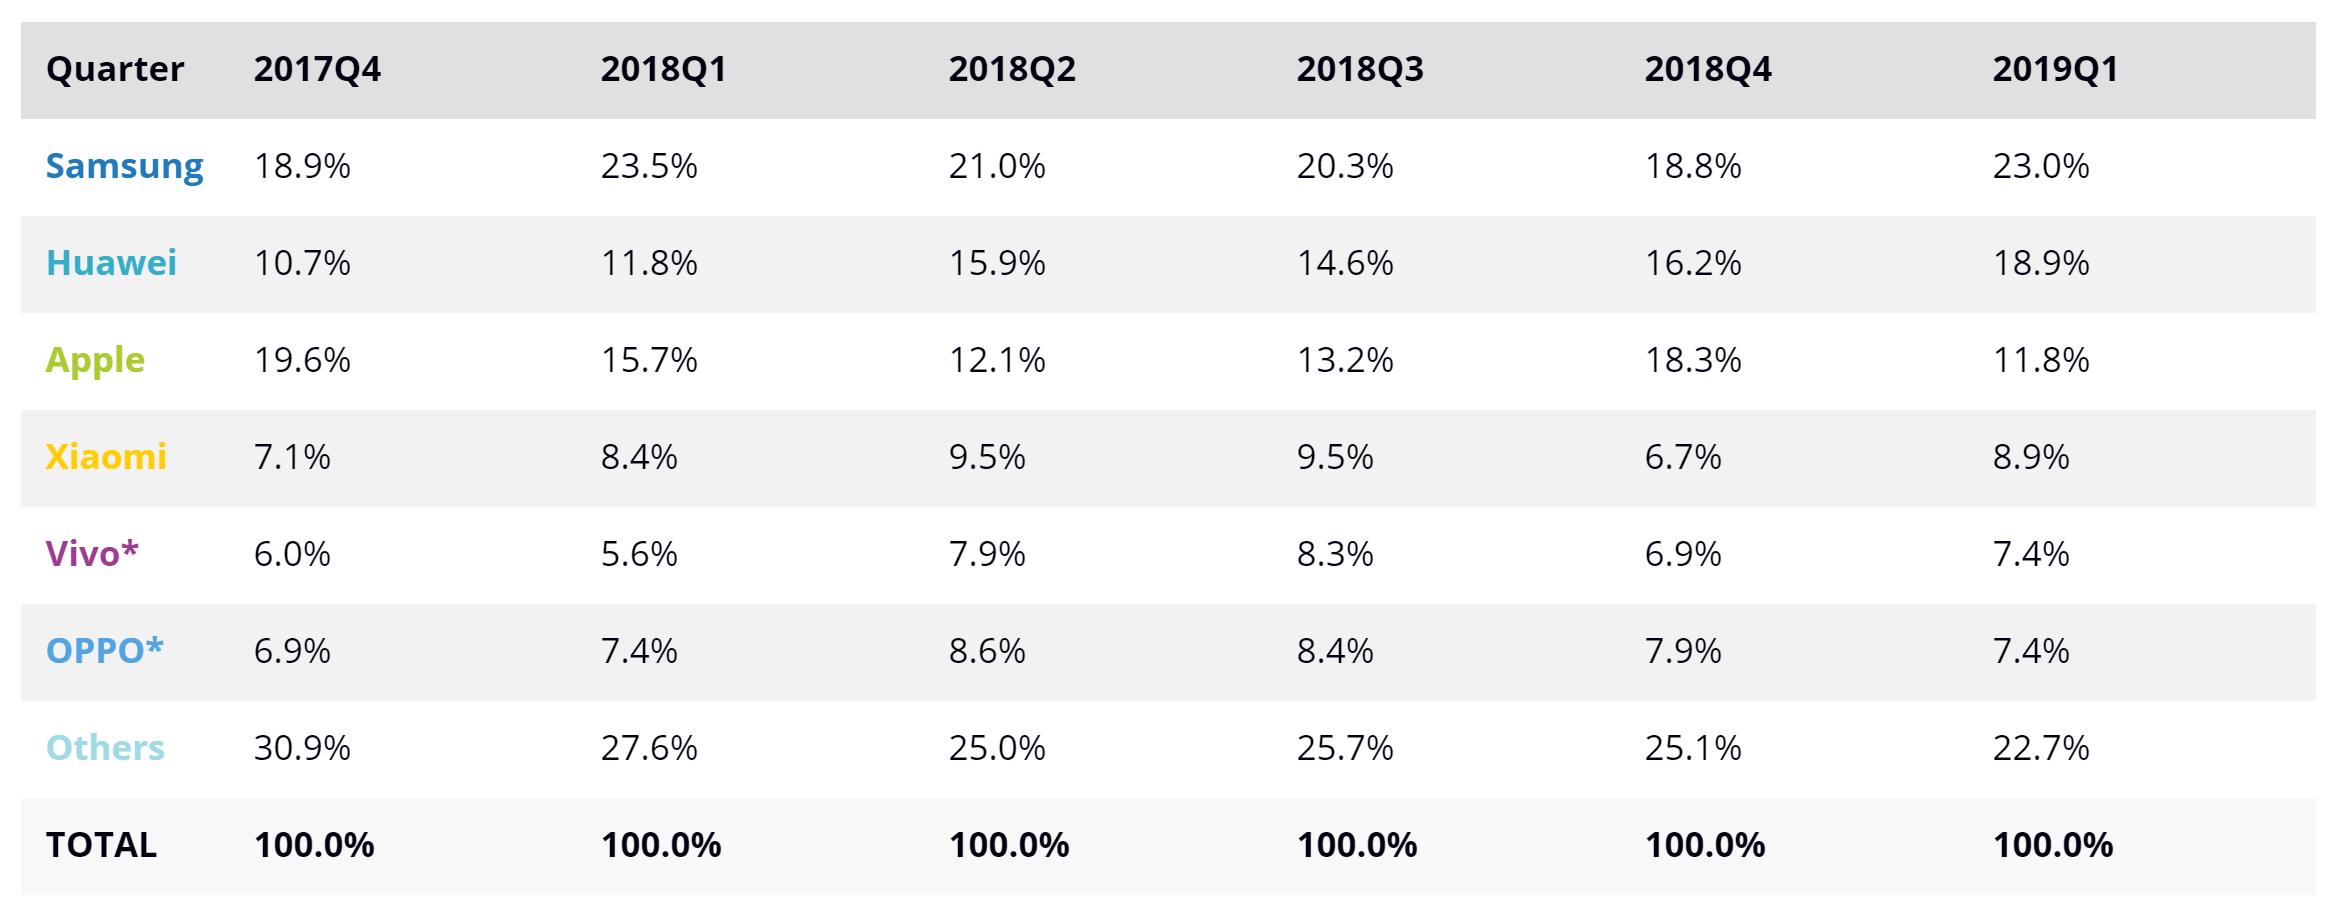 IDC Smartphone Market Share Updated Q1 2019